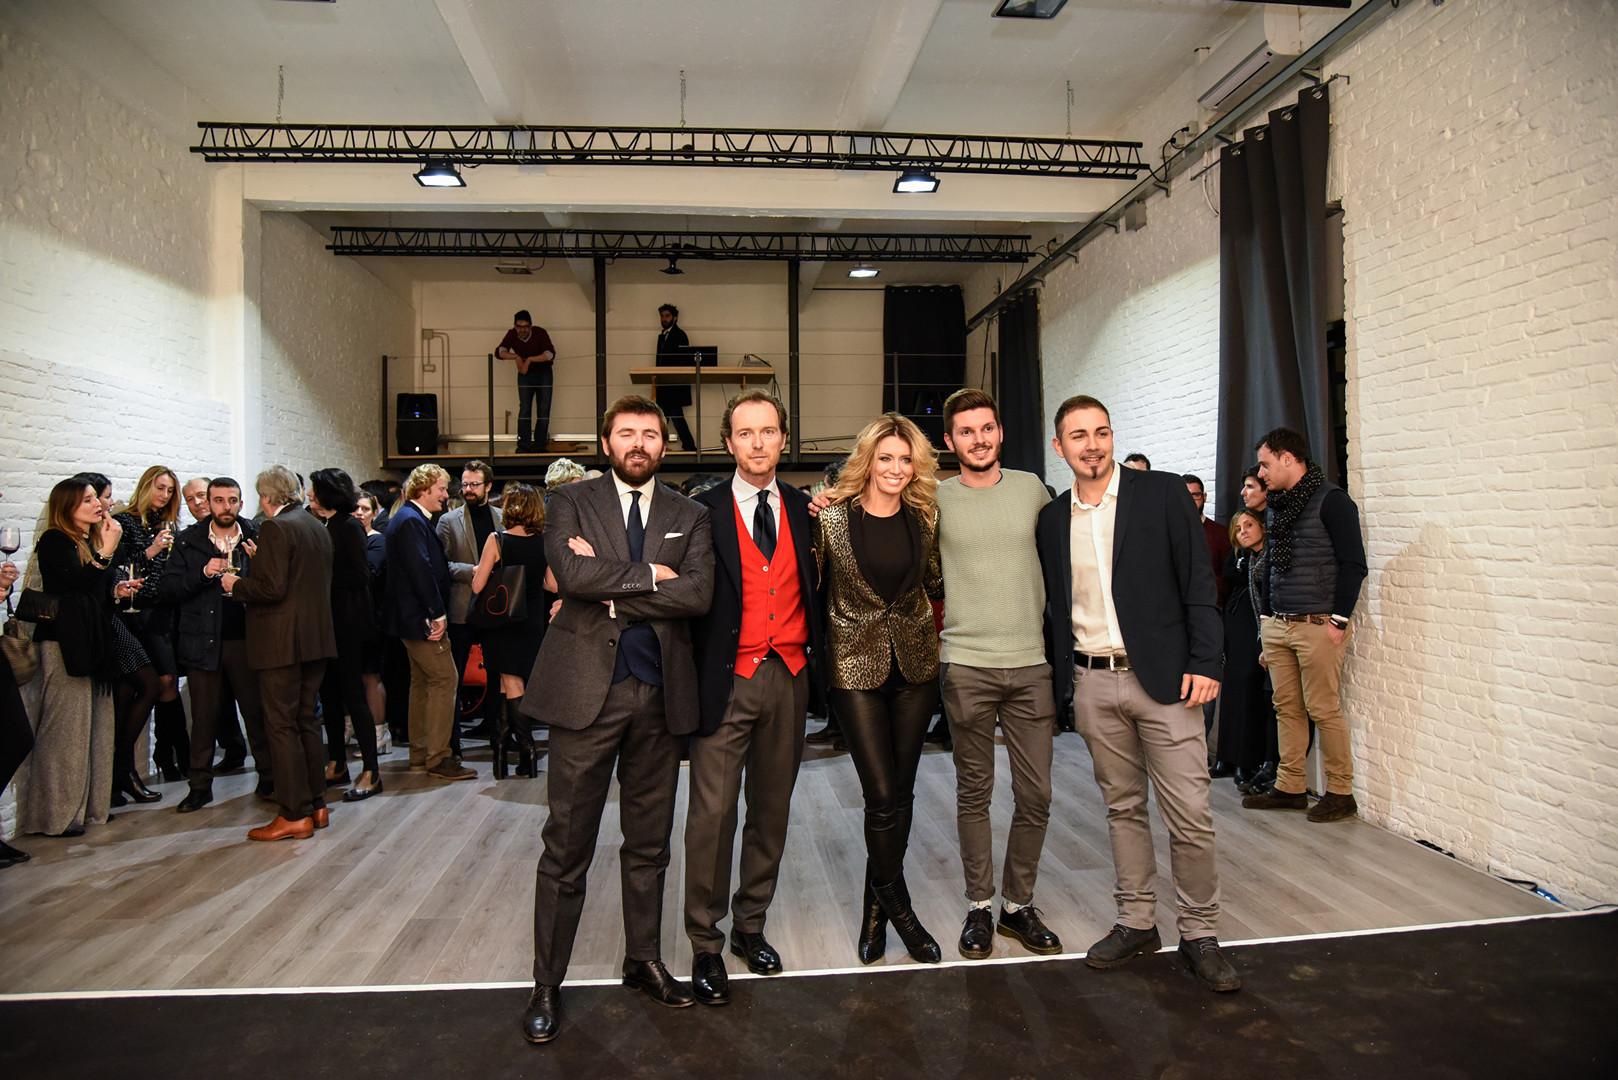 Ufficio Lavoro Torino : Europa coworking noleggio sale riunioni a volpiano torino